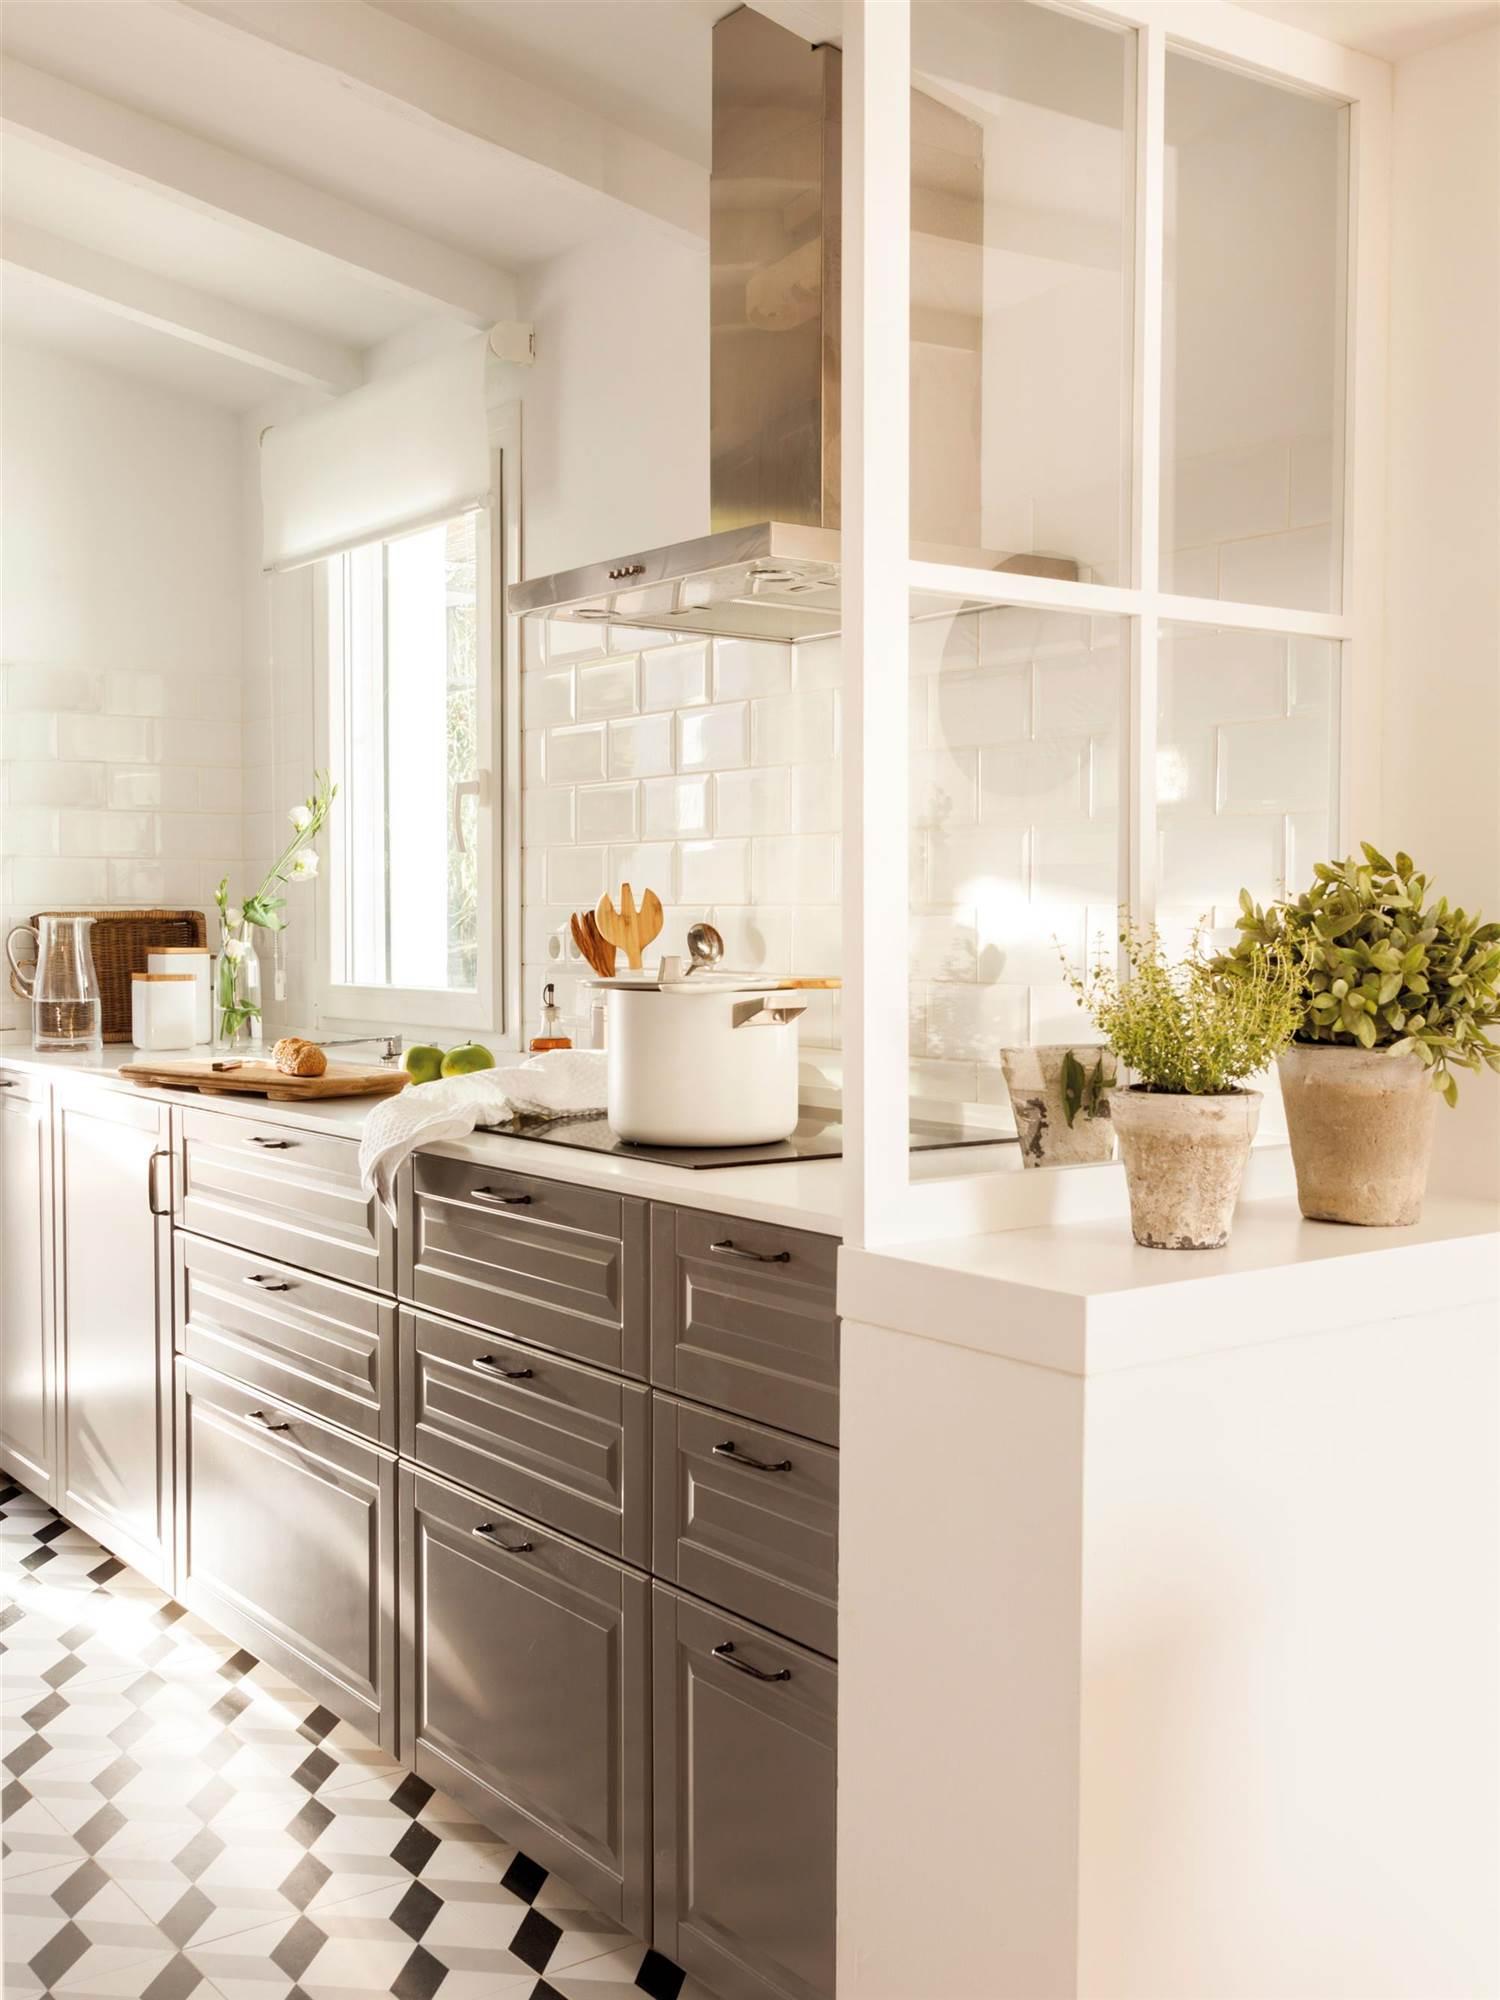 13 espacios decorados con baldosas tipo metro - Azulejos cocina ikea ...